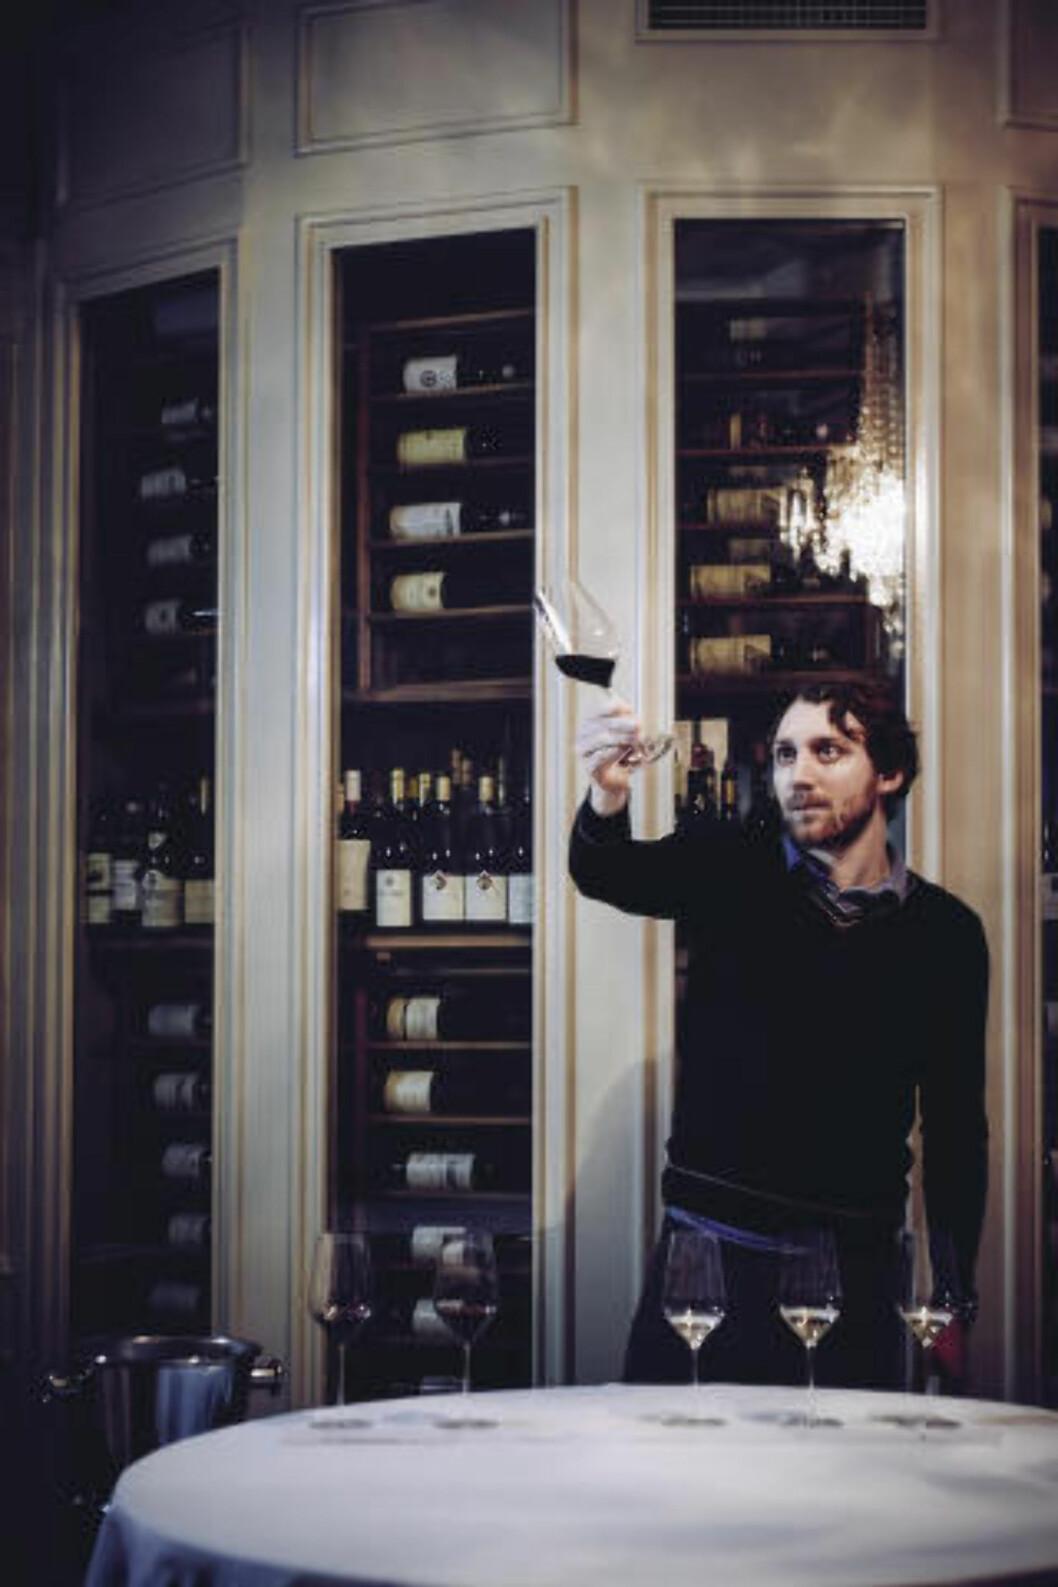 ANBEFALER DRIKKE: Norges beste vinkelner, Simon Zimmermann tipser deg om hva slags alkoholfri drikke du bør ha til maten. Arkivfoto: MORTEN RAKKE